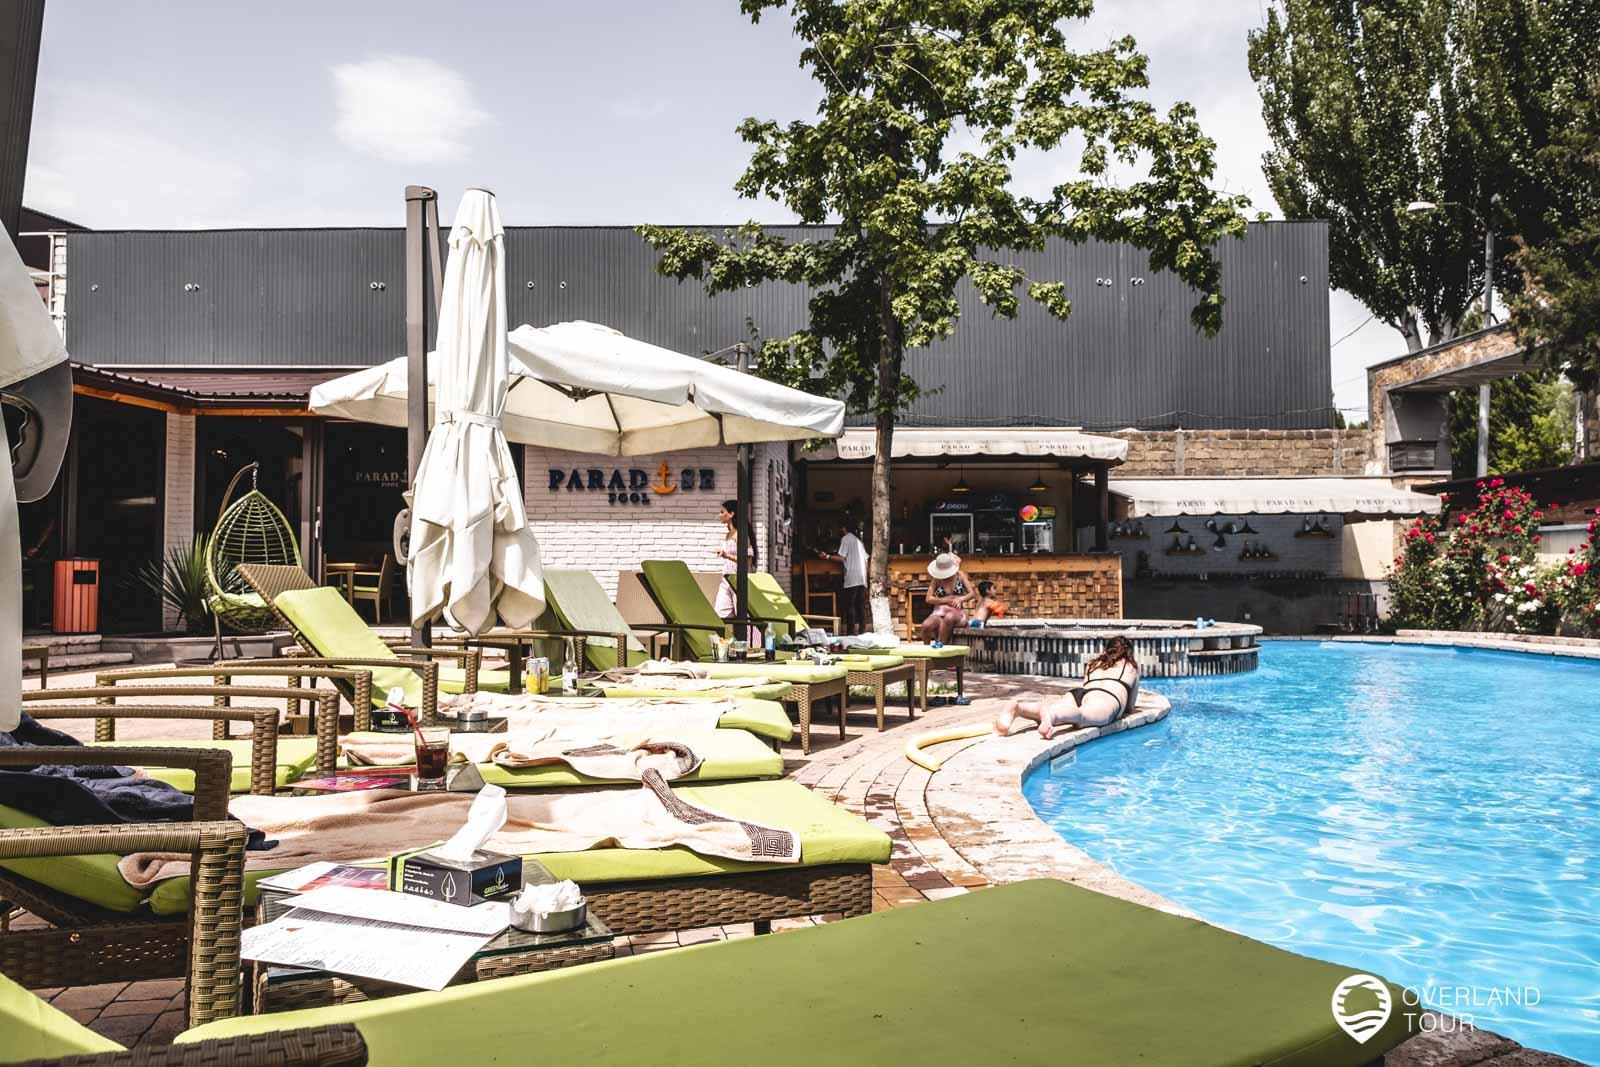 Mein Pool-Tipp in Jerewan: Das Paradies Pool hat zwar einen kleinen Pool aber ein super Ambiente